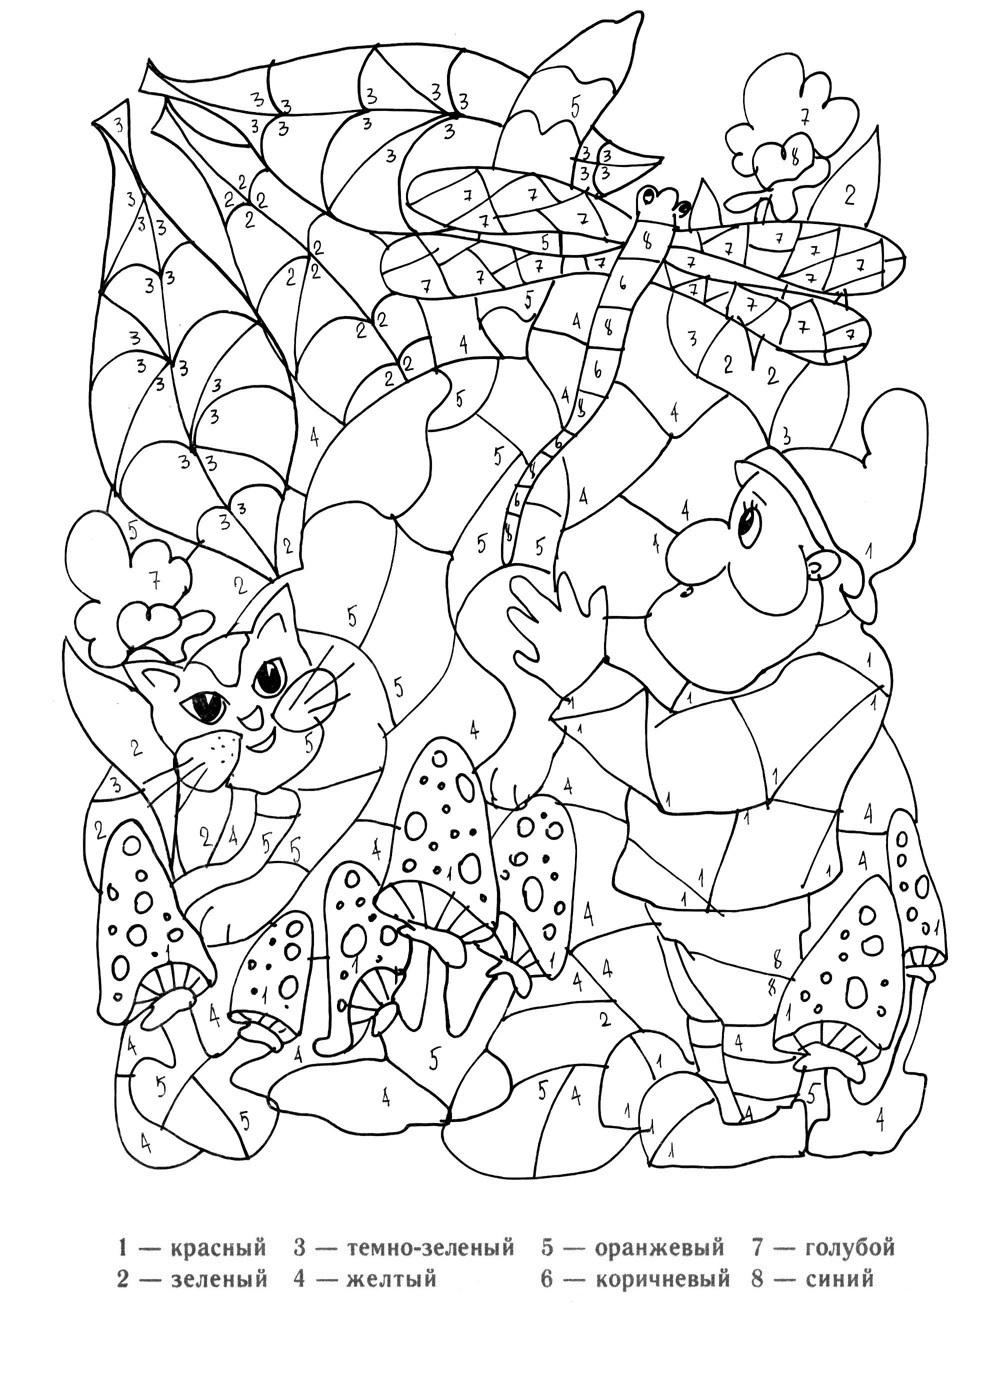 Раскраски по цифрам для девочек онлайн бесплатно